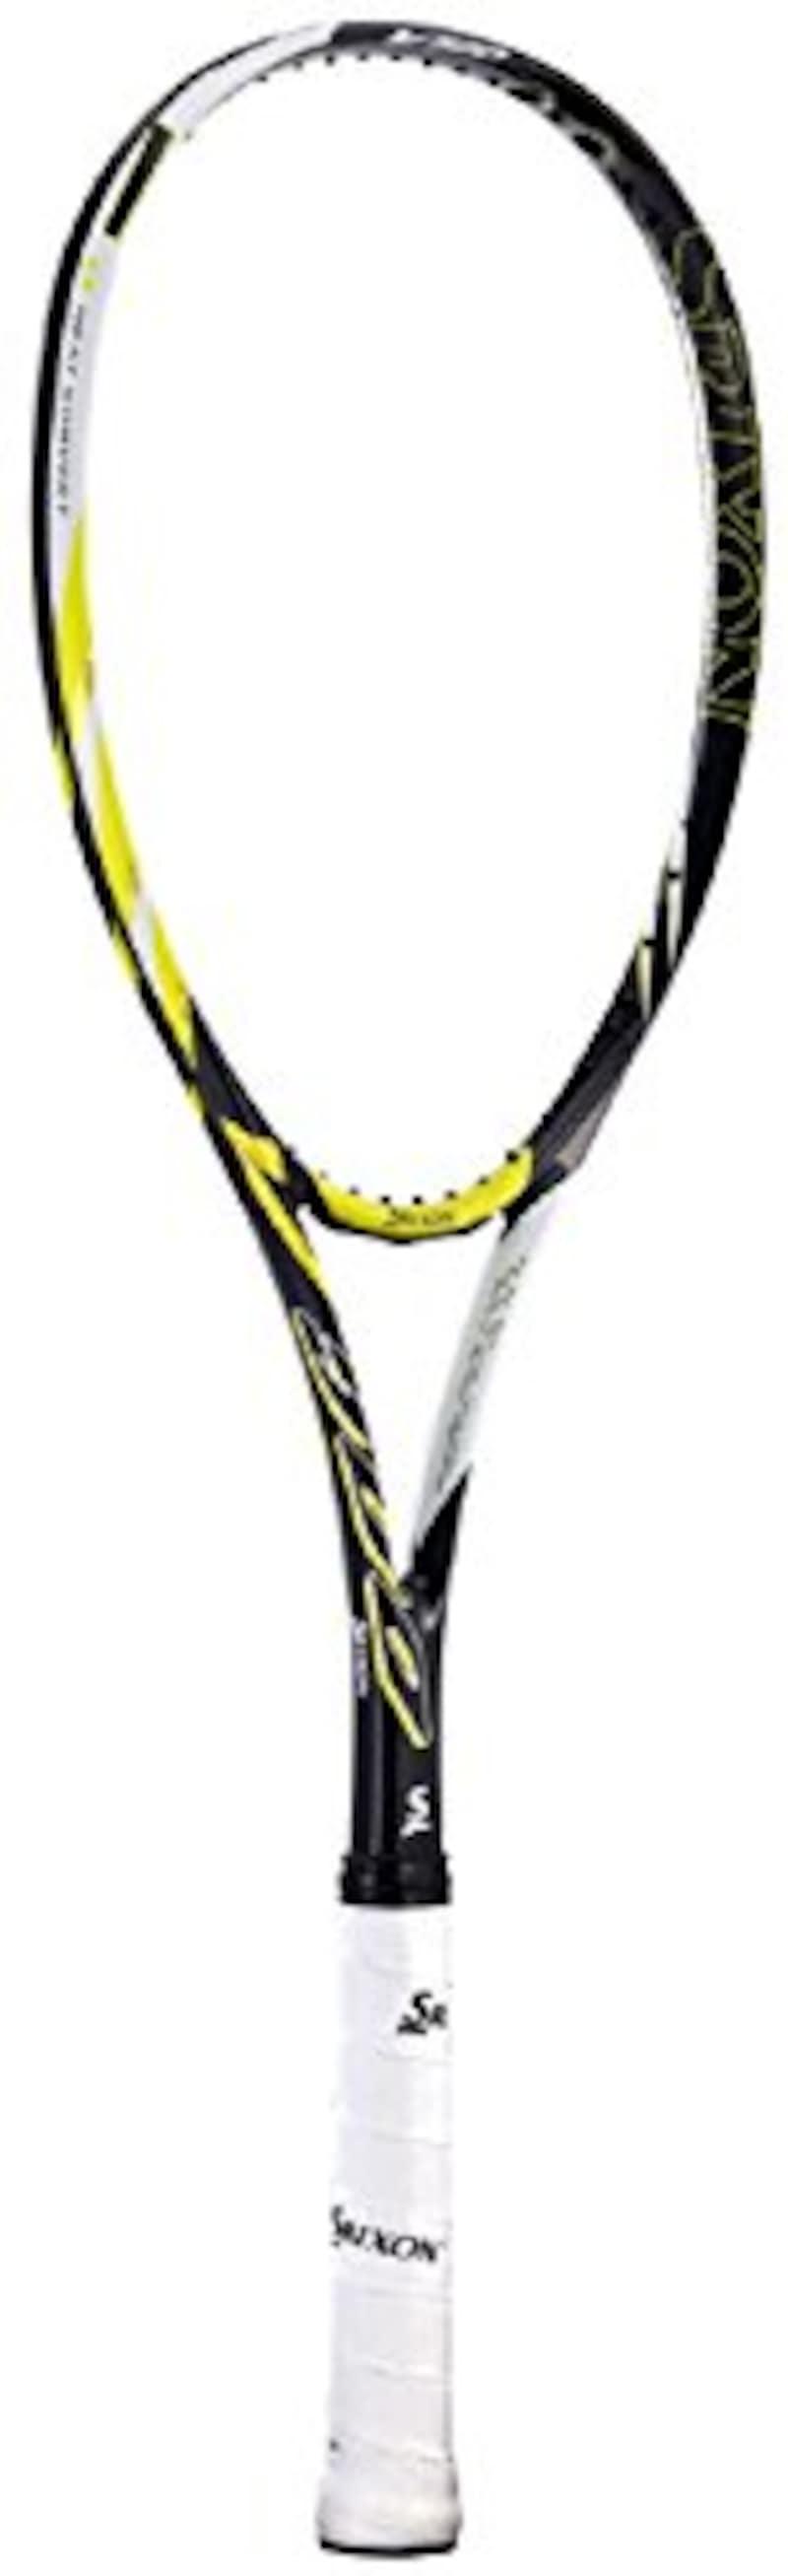 スリクソン(SRIXON),ソフトテニス ラケット V 500,SR11601